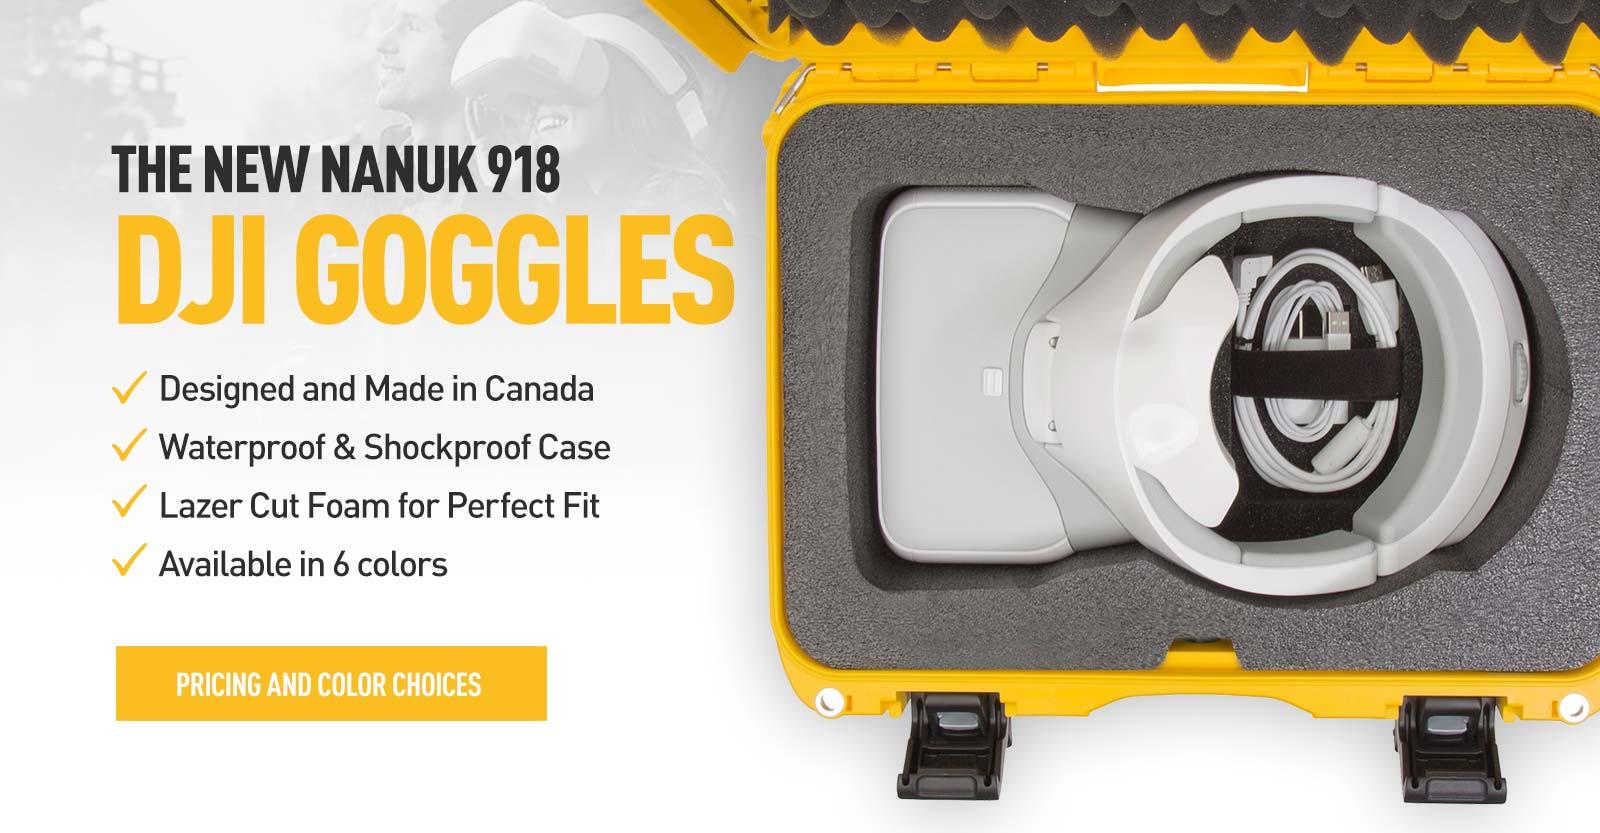 Top view of a Nanuk 918 DJI Goggles Hard Case in Yellow